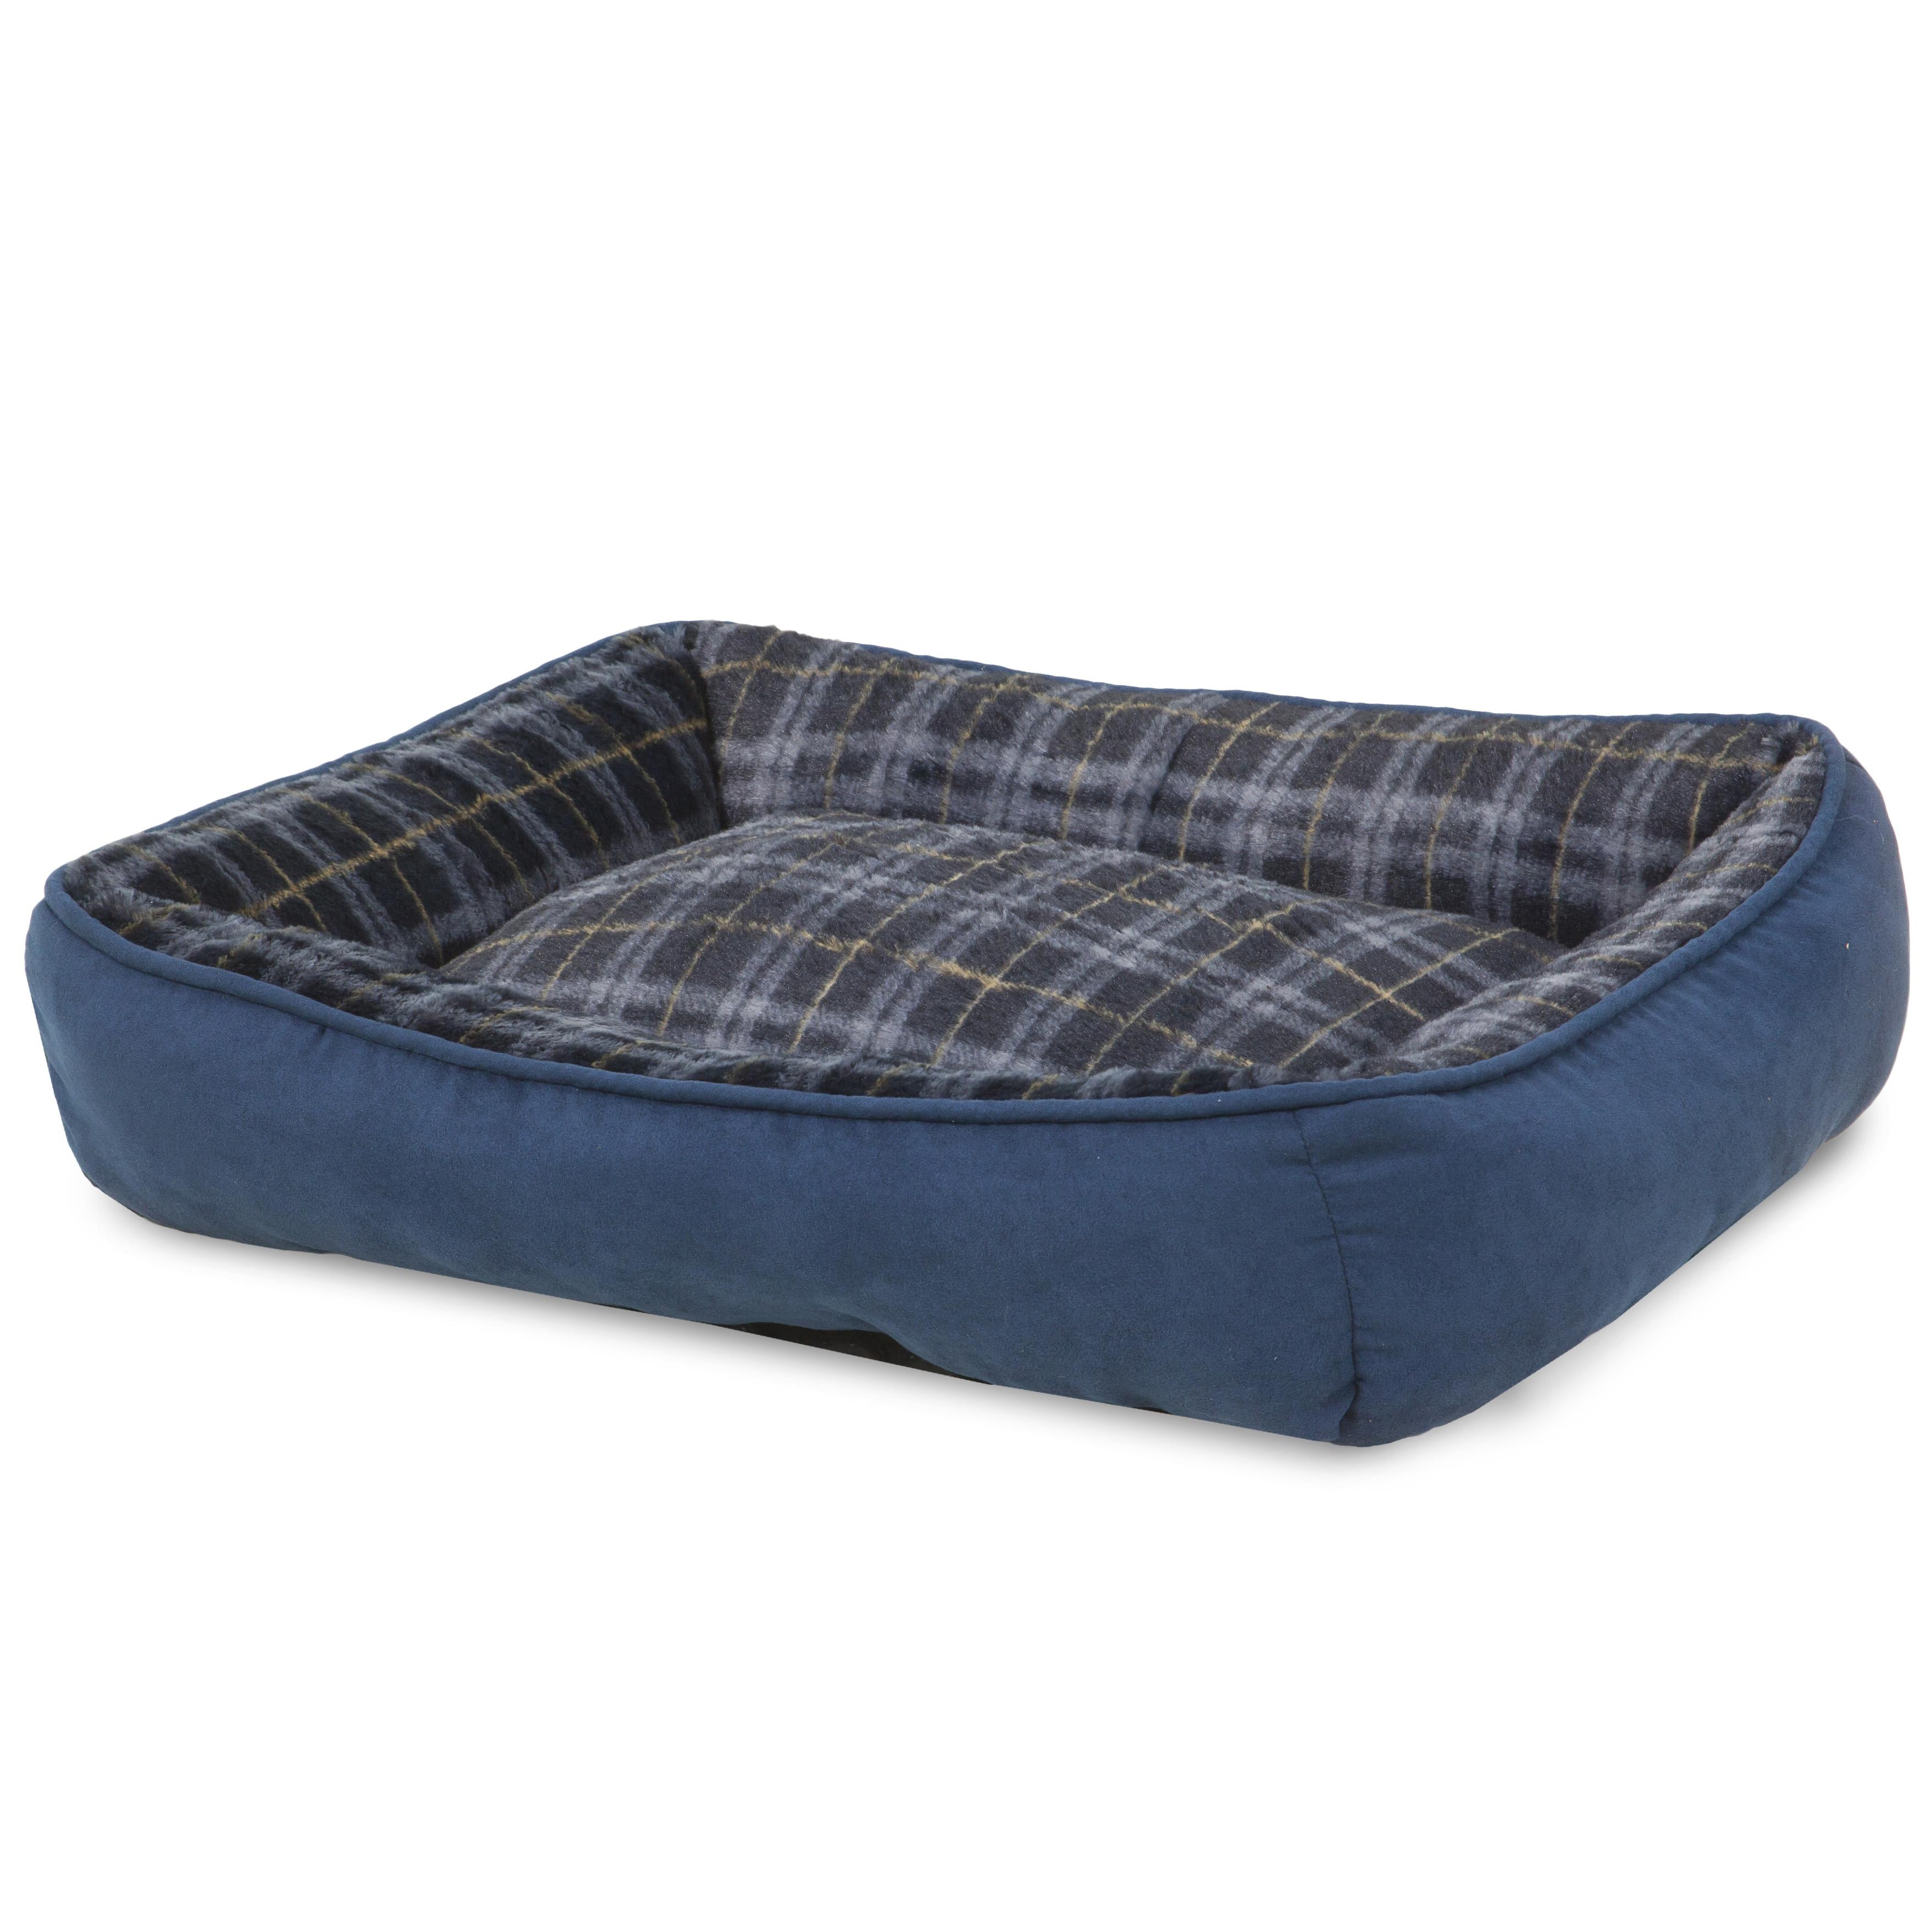 orthopedic pet ip bed serta beds foam com walmart dog